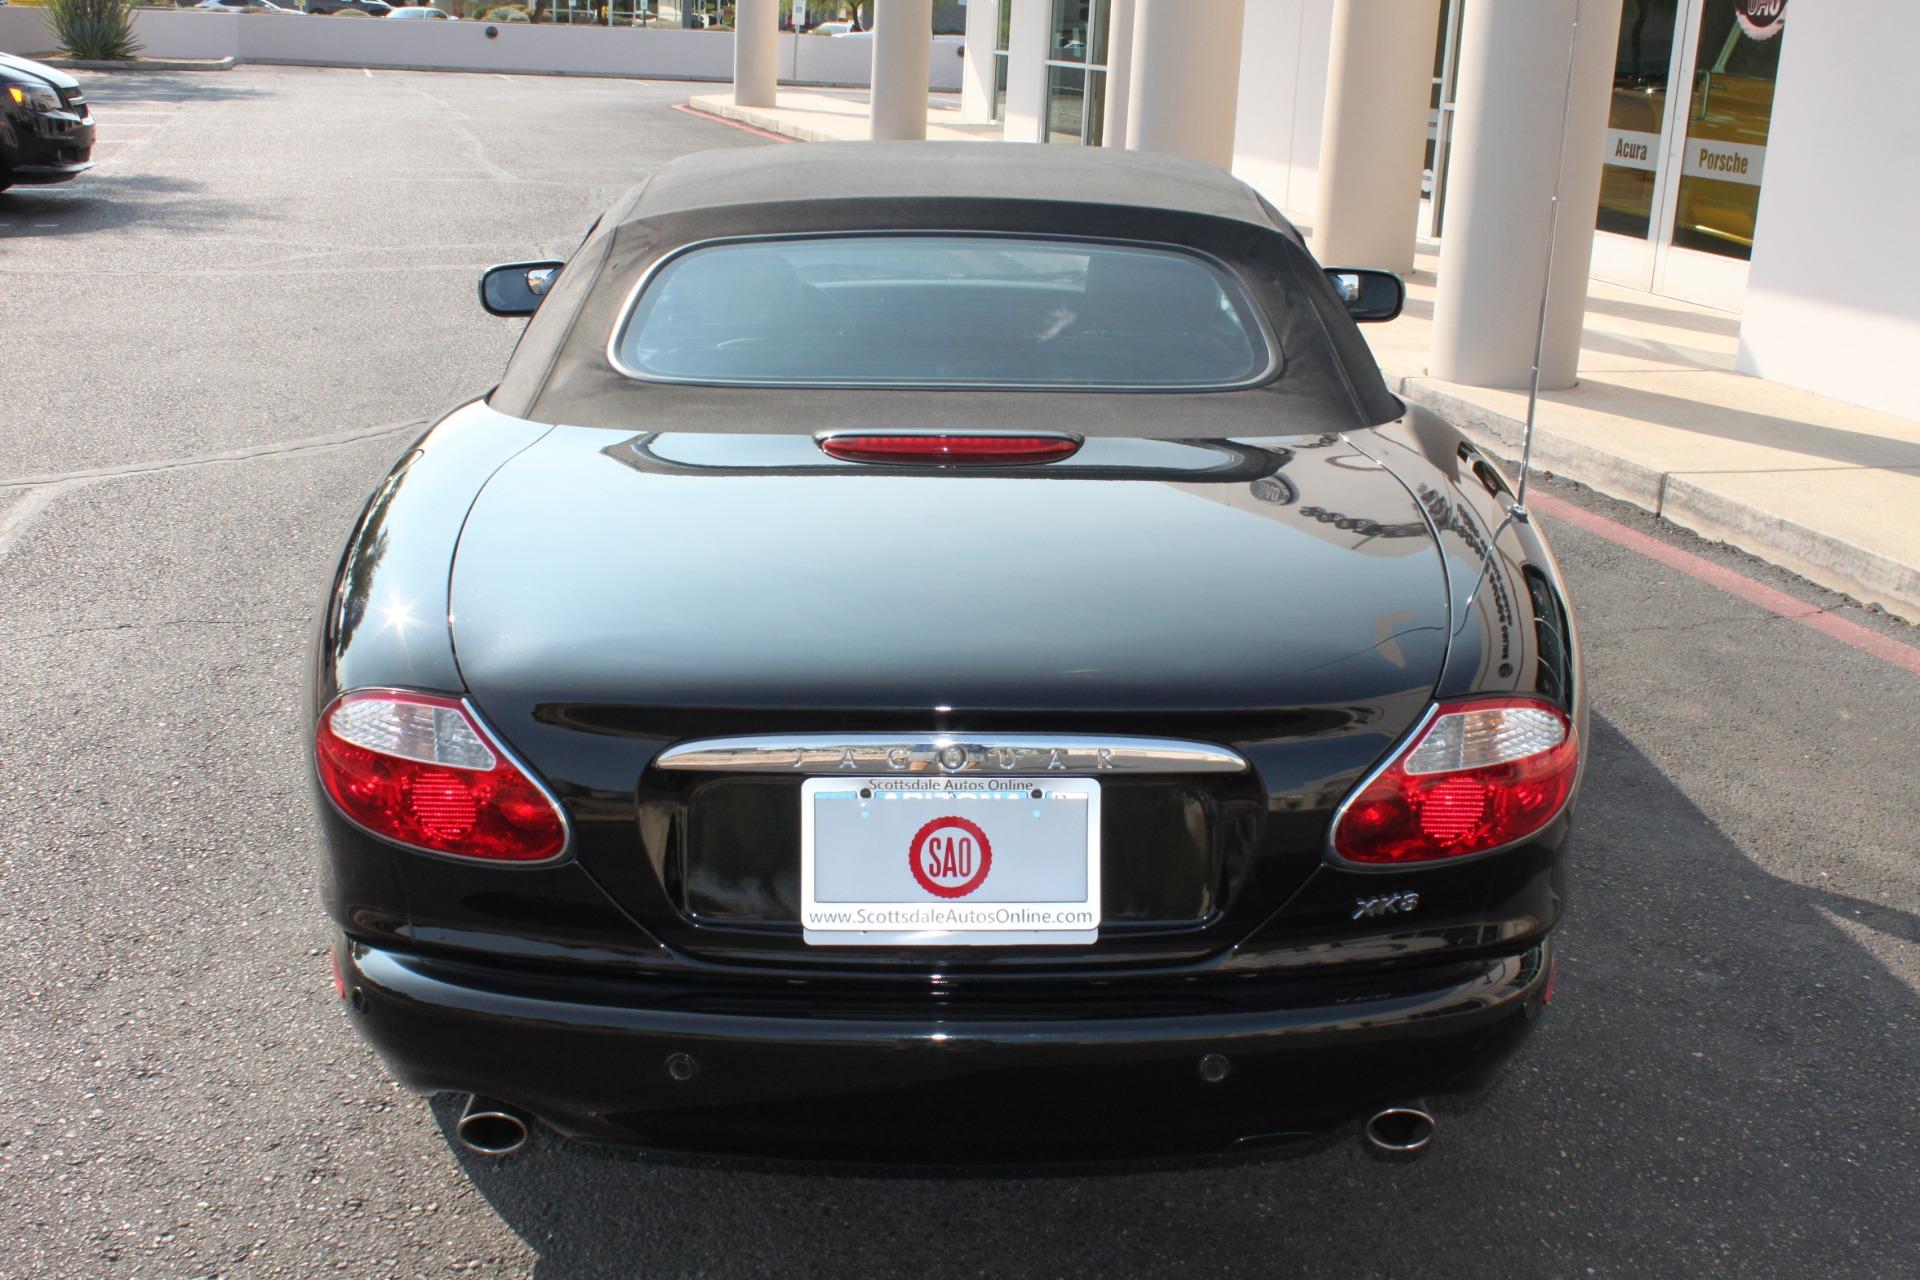 Used-2002-Jaguar-XK8-Convertible-XK8-Chevrolet